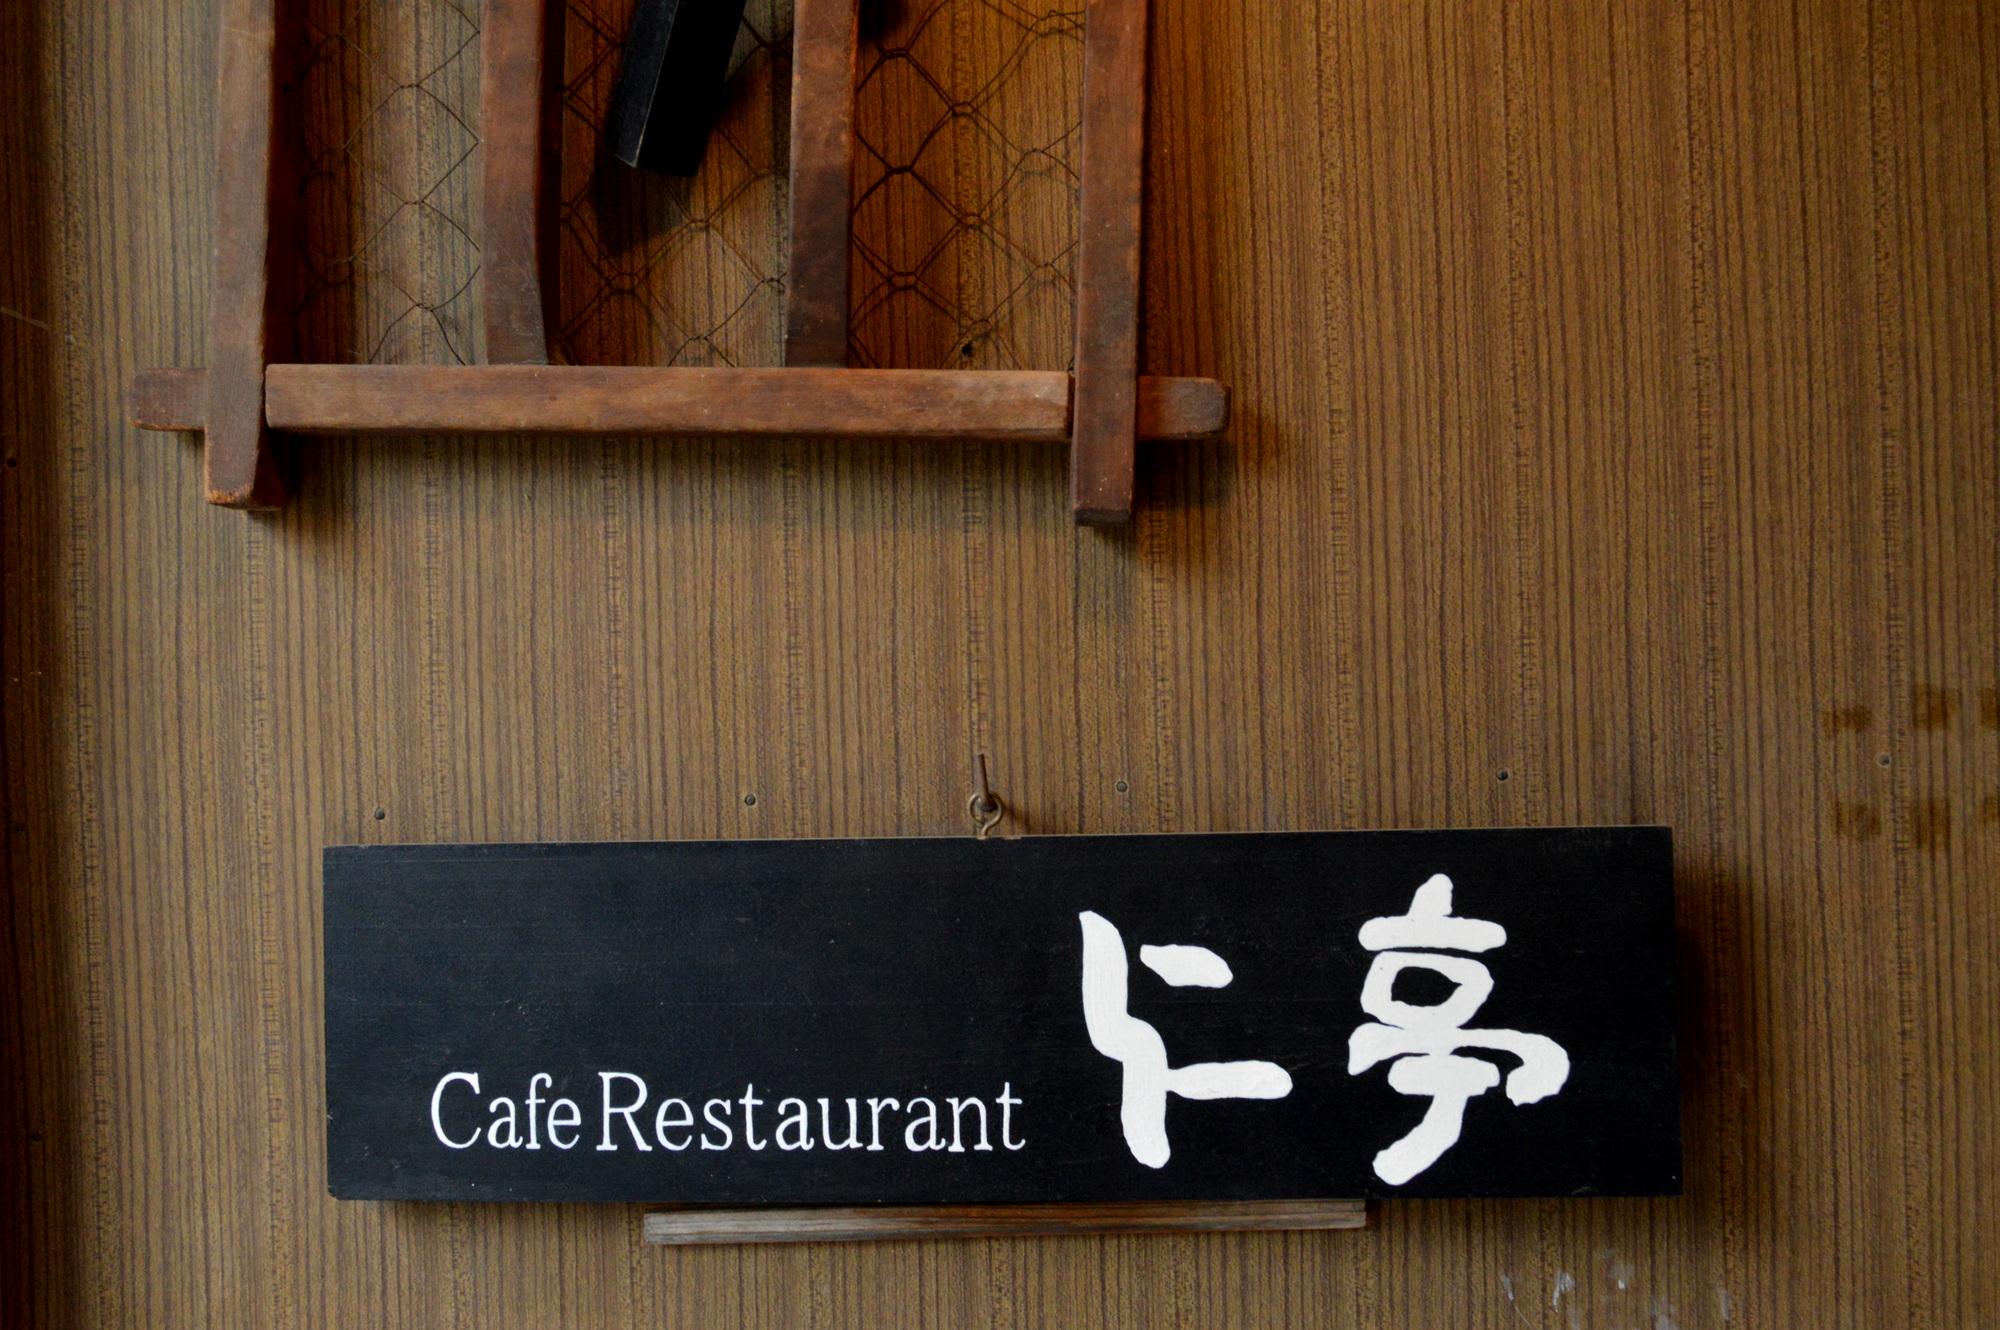 大田原市のCafe仁亭の看板